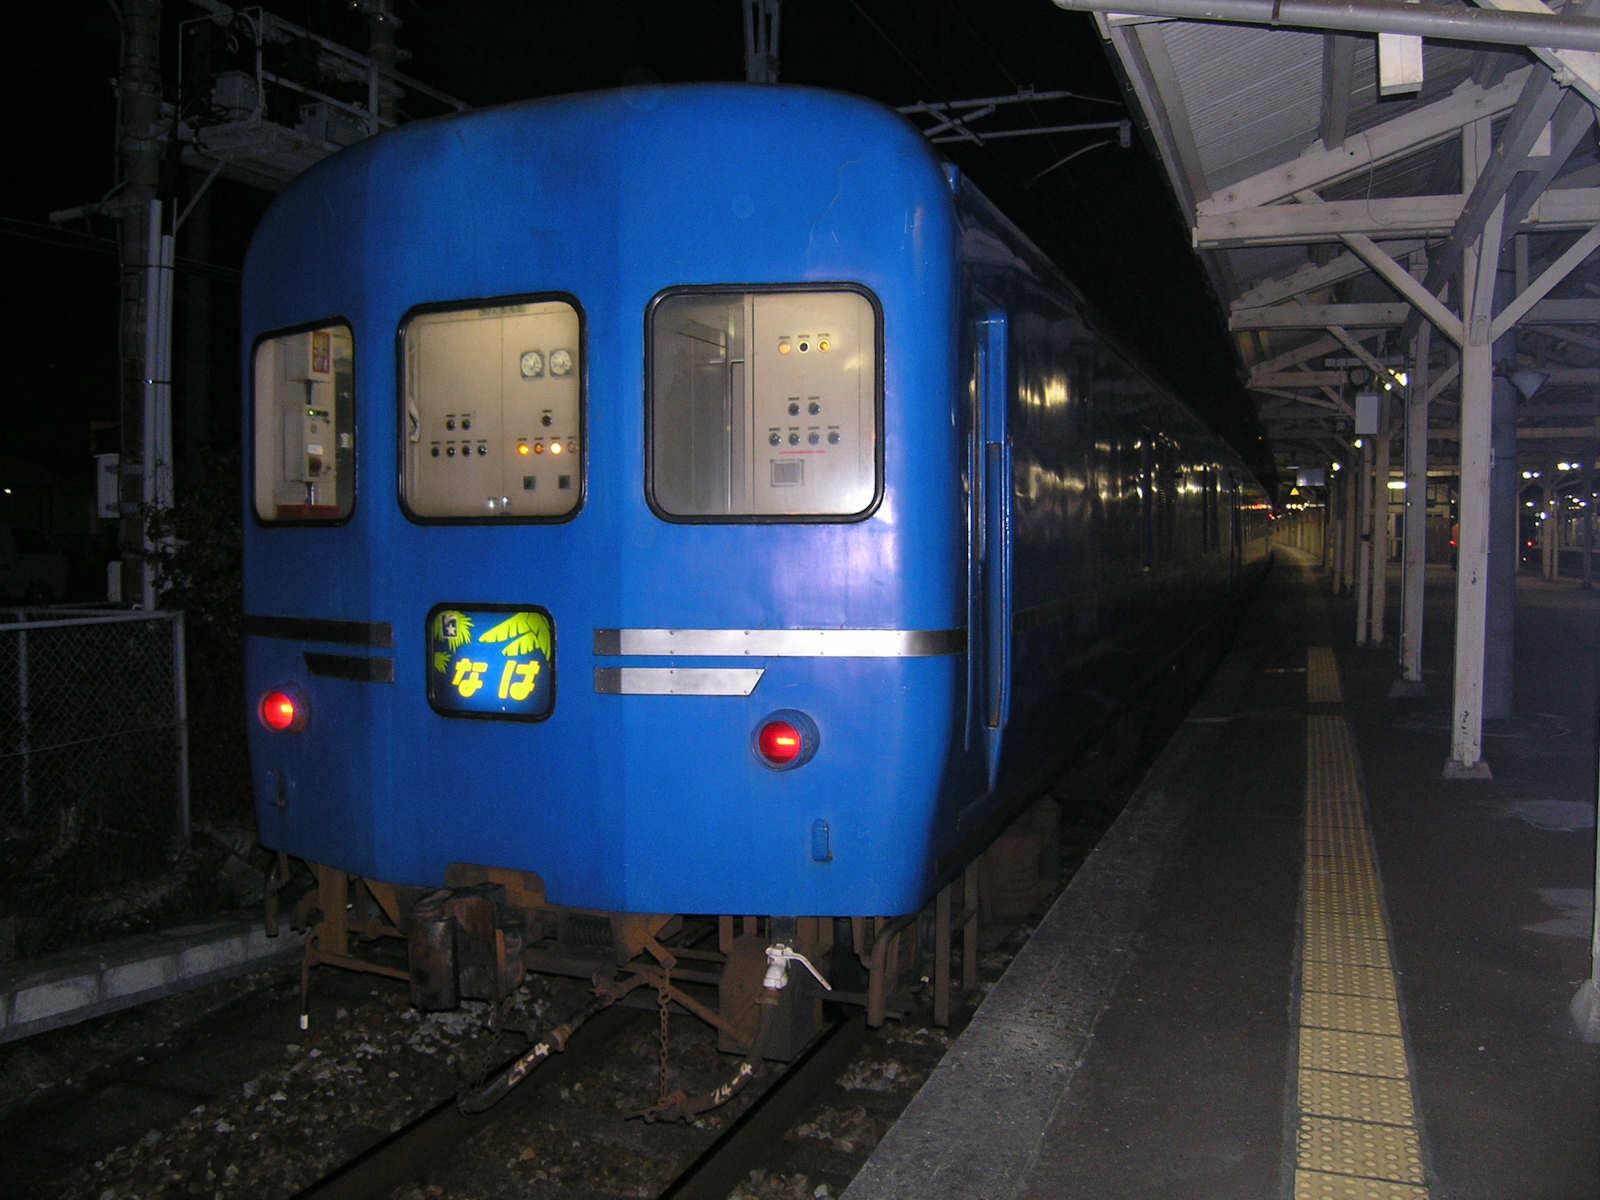 寝台特急なは号の電源車両(JPG-169k)